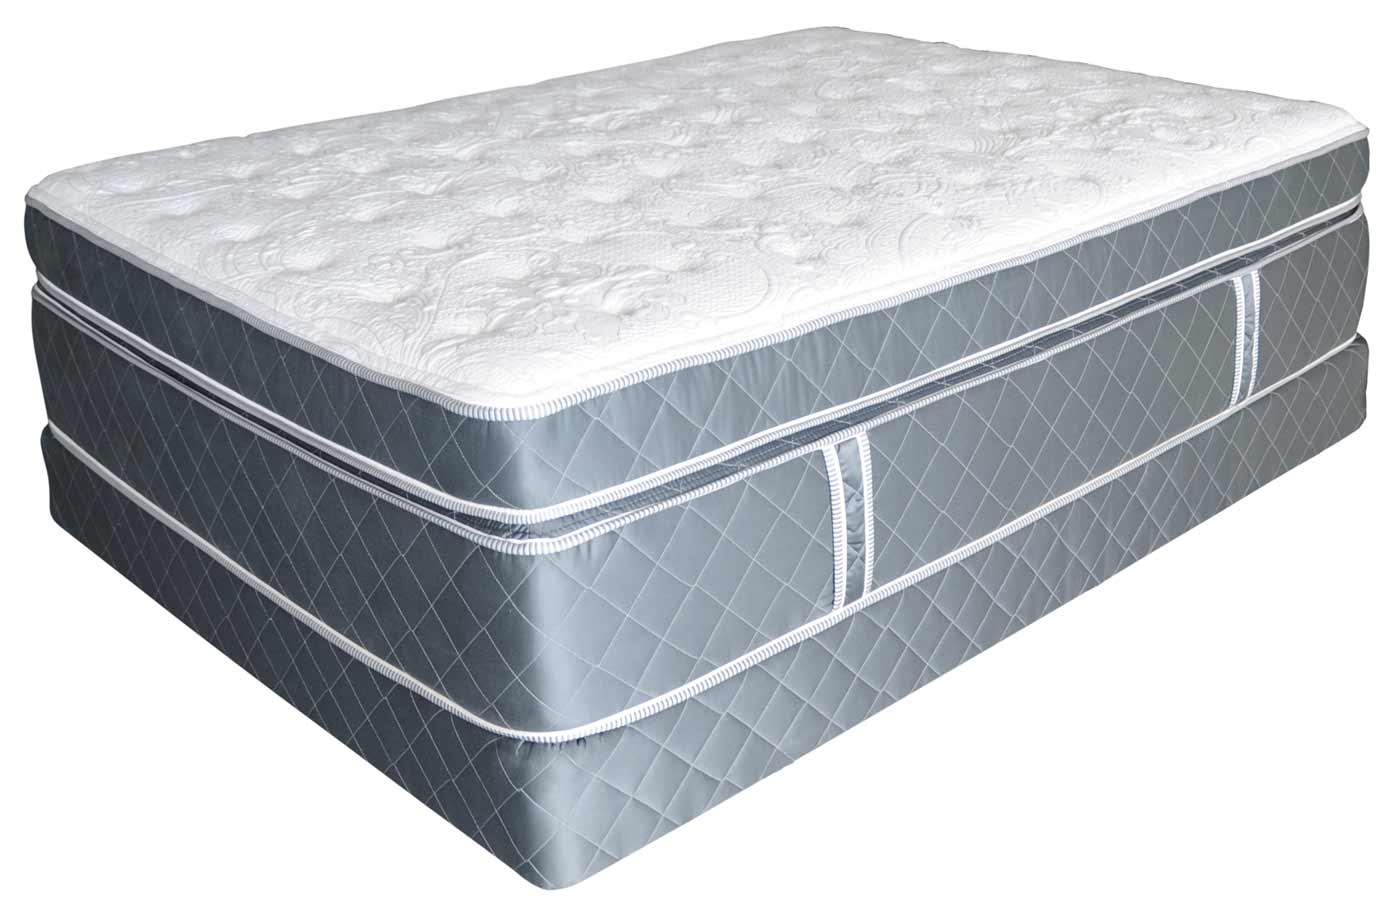 Verlo estate mattress for home